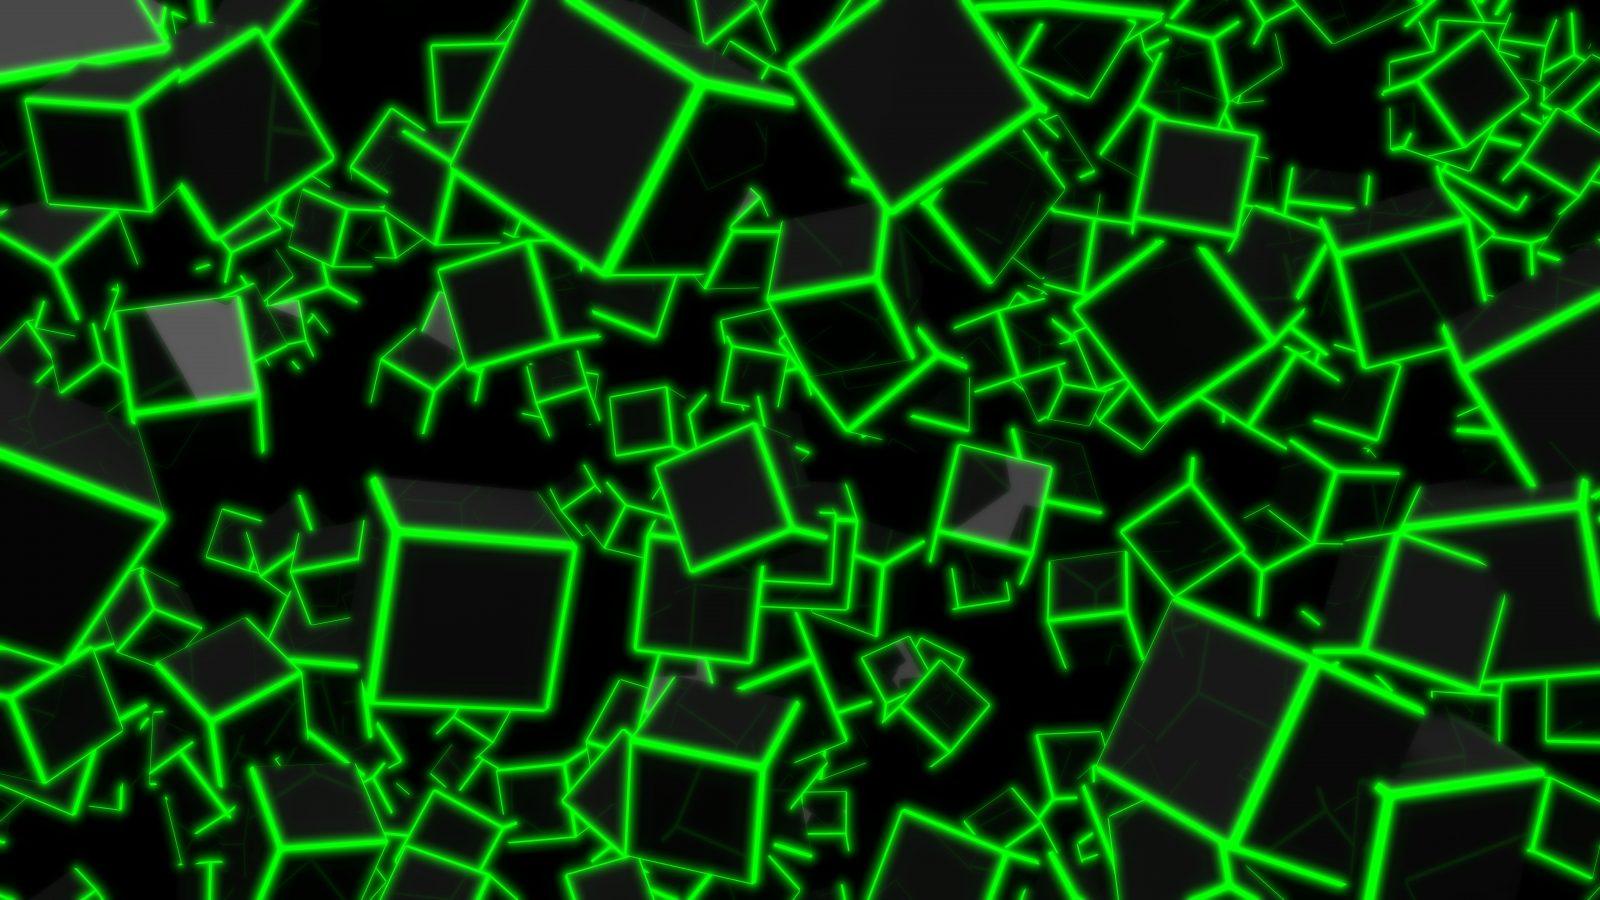 3D Green Neon Cubes 8K UHD Wallpaper